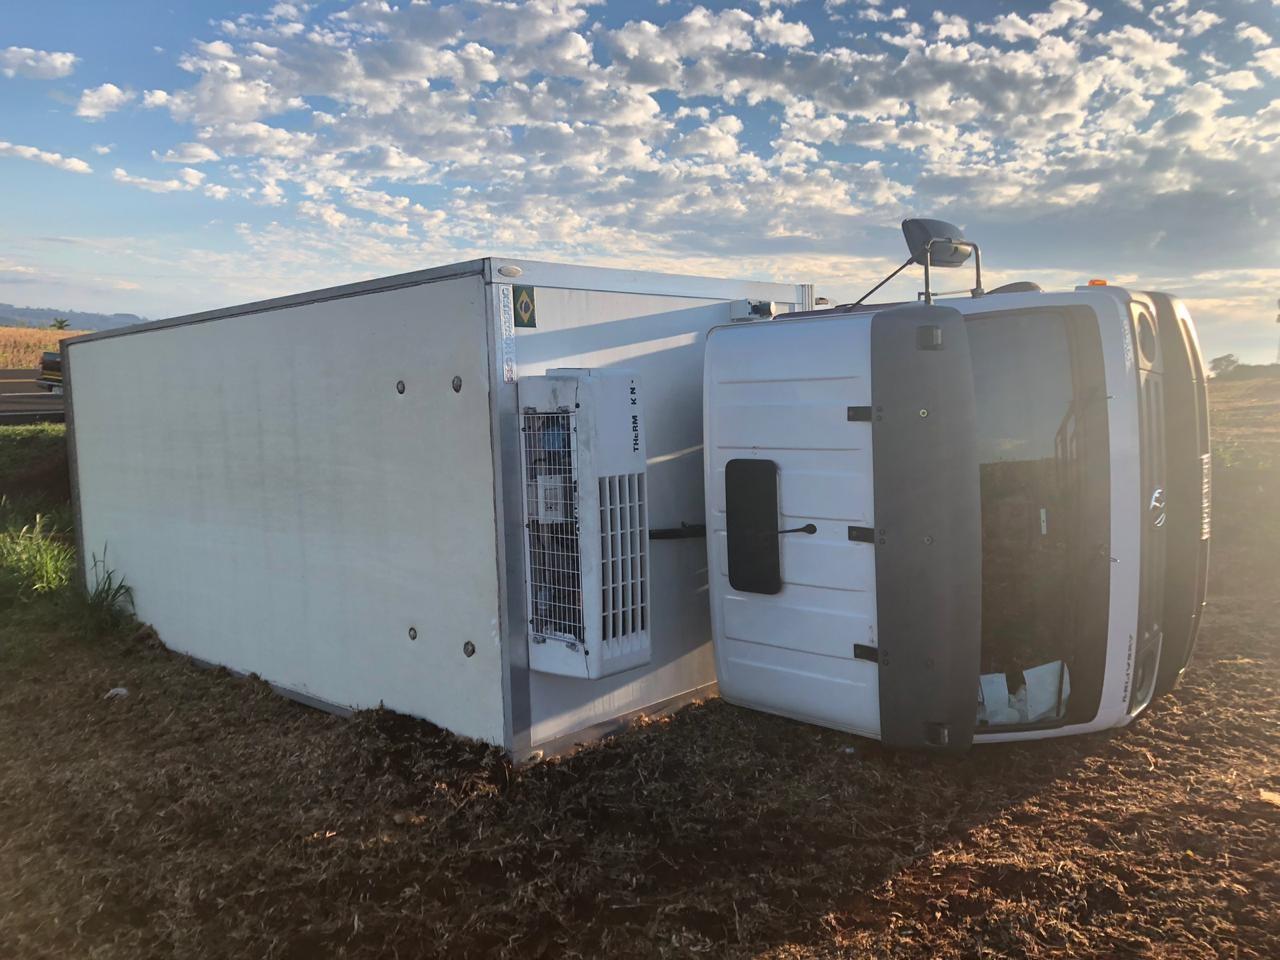 Caminhão furtado com carga de carne congelada tomba em rodovia de Arapongas